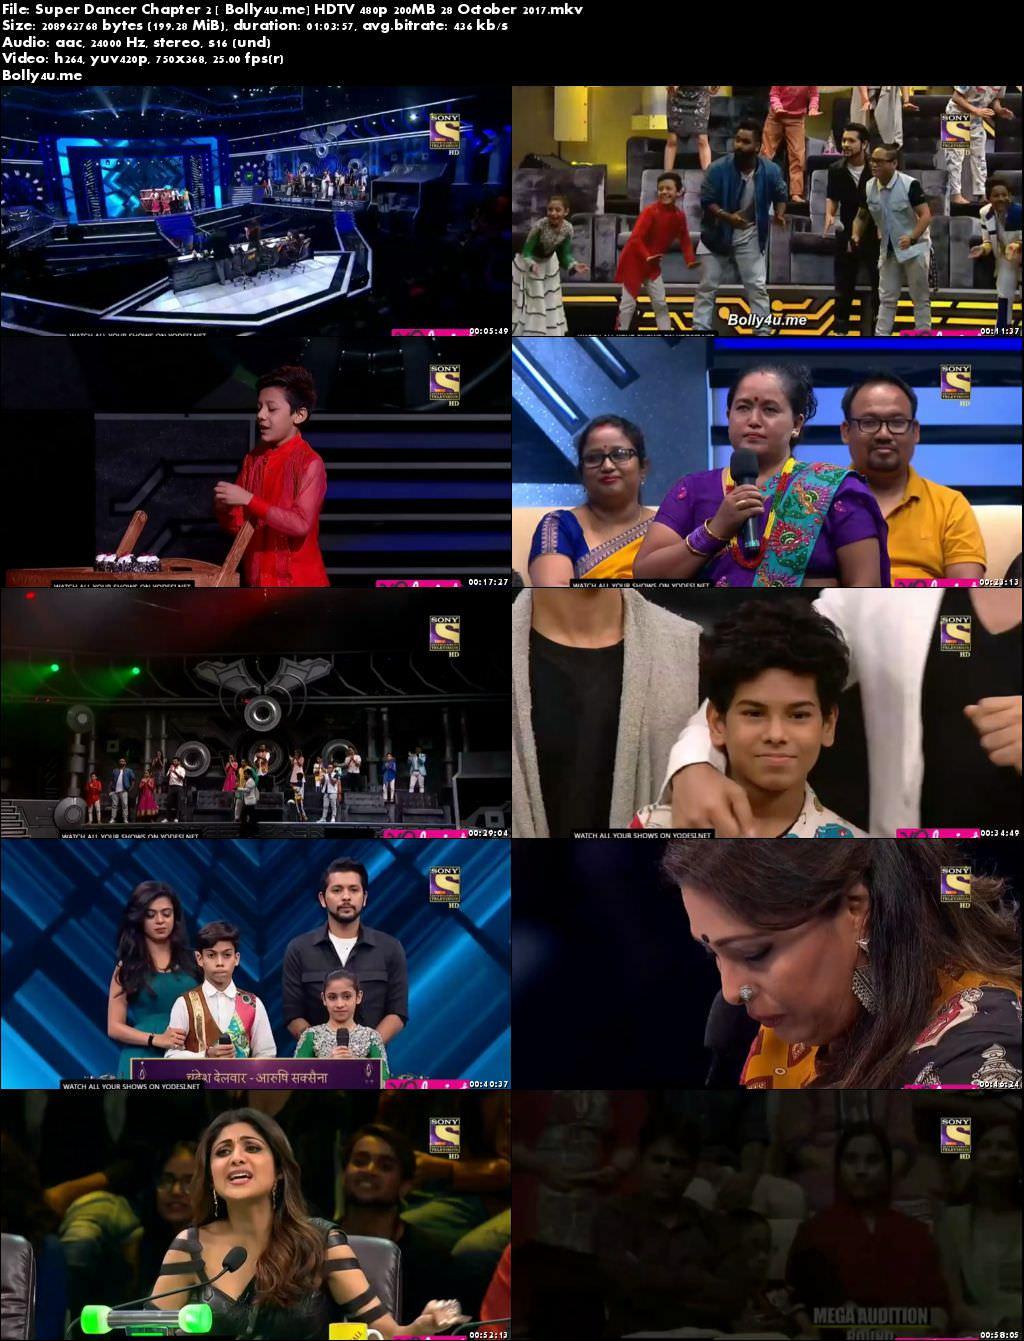 Super Dancer Chapter 2 HDTV 480p 200MB 28 October 2017 Download